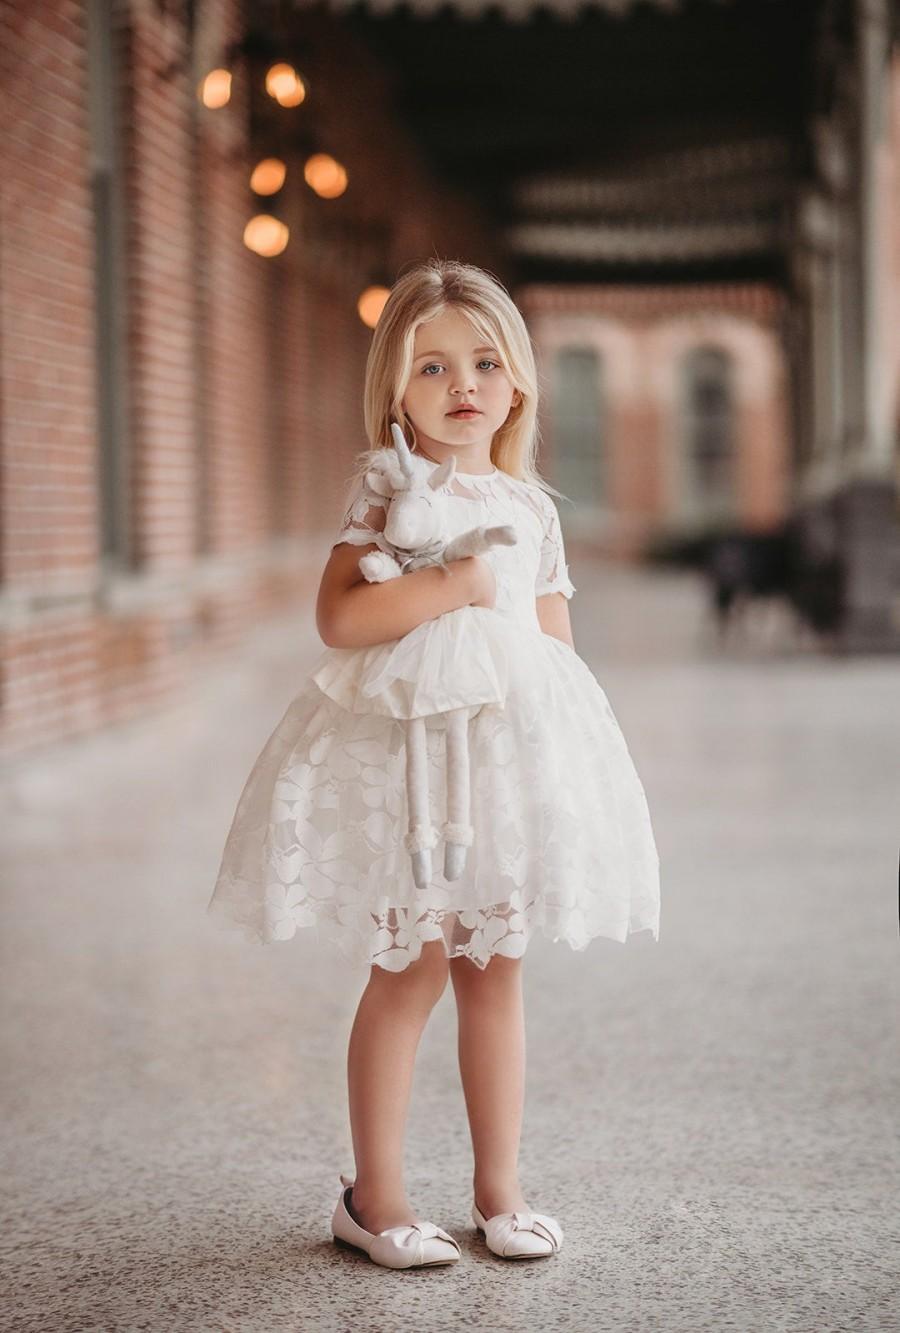 Wedding - vintage length dress,flower girl dress,white flower girl dress,white tulle dress,toddler princess dress,portrait dress,beach wedding dress